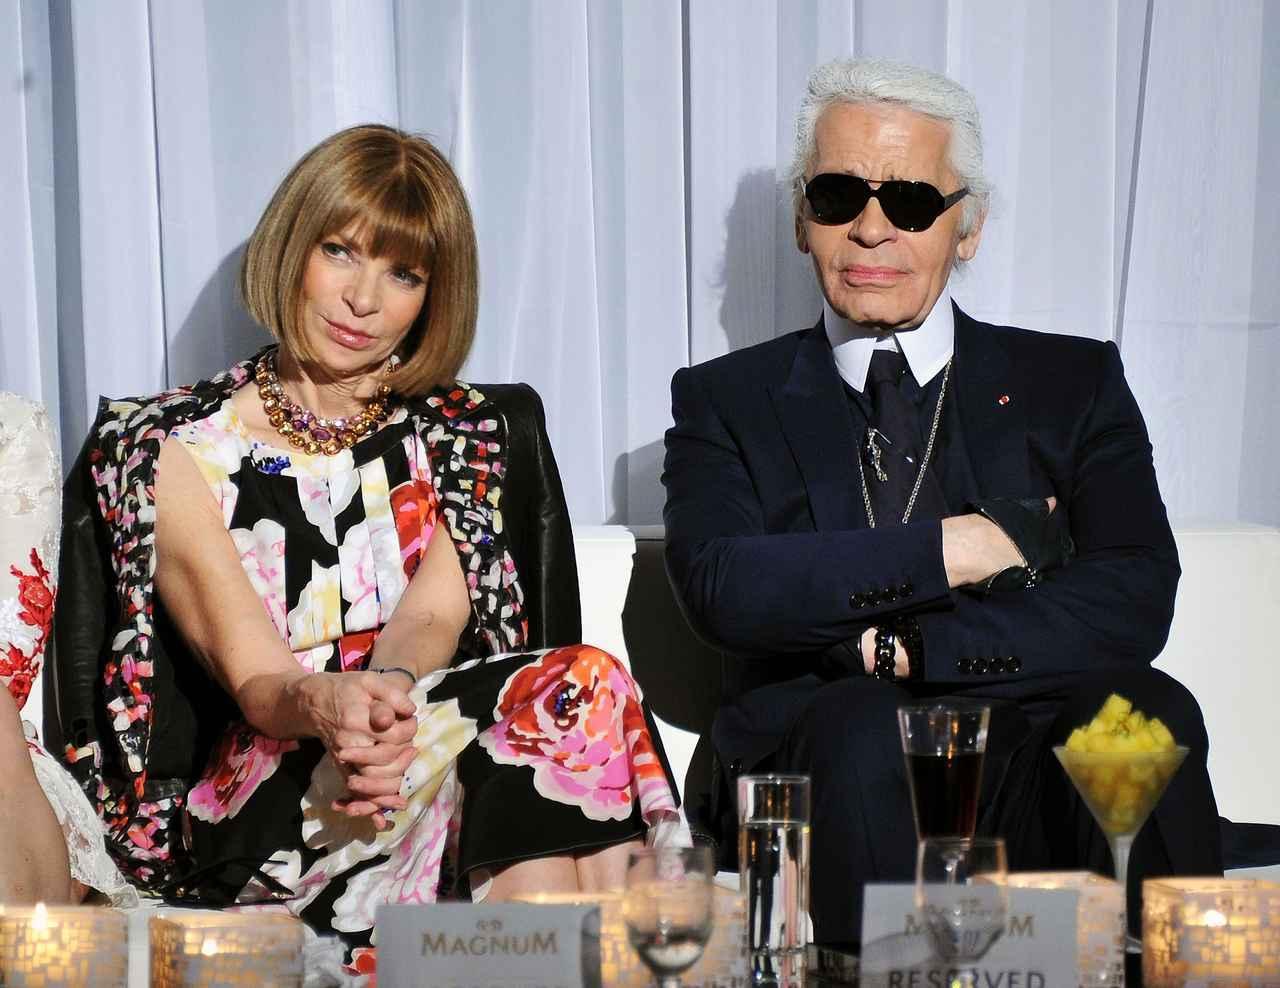 画像1: ファッション界の重鎮アナ・ウィンターがカール・ラガーフェルドの死にコメント